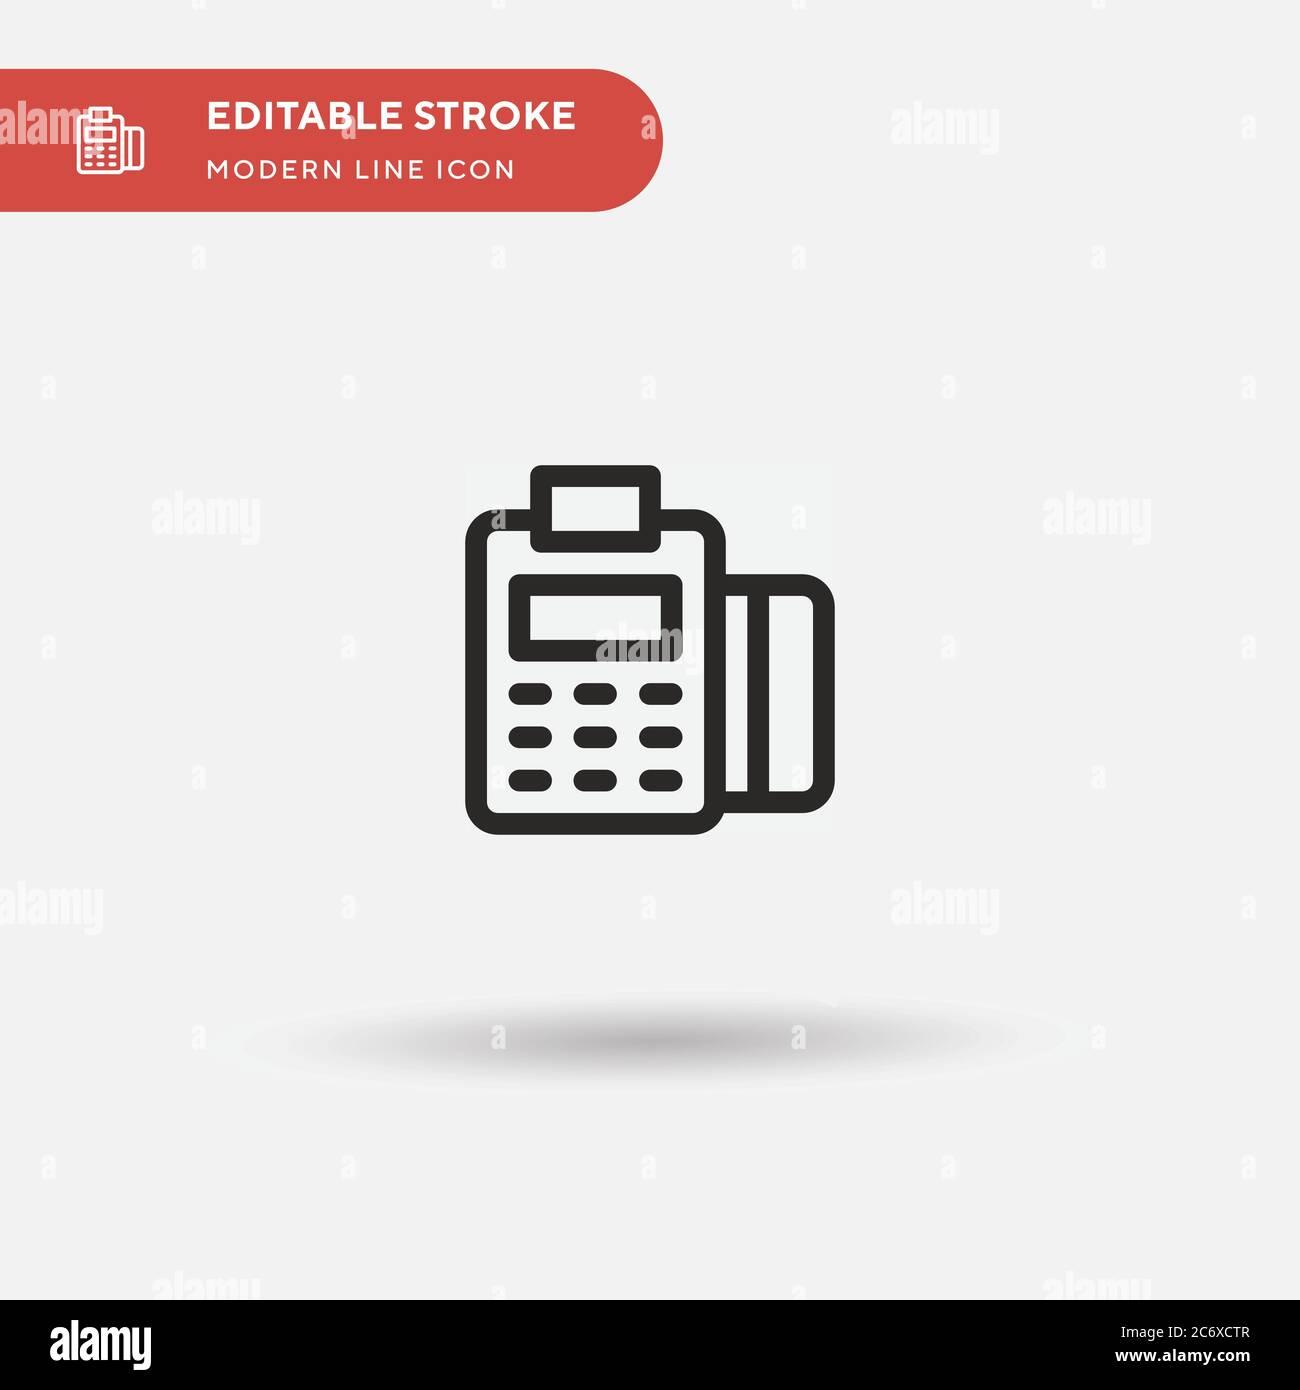 Icona vettore semplice punto di servizio. Modello di disegno simbolo illustrazione per elemento UI mobile Web. Pittogramma moderno a colori perfetto su tratto modificabile. Icone Point of Service per il progetto aziendale Illustrazione Vettoriale